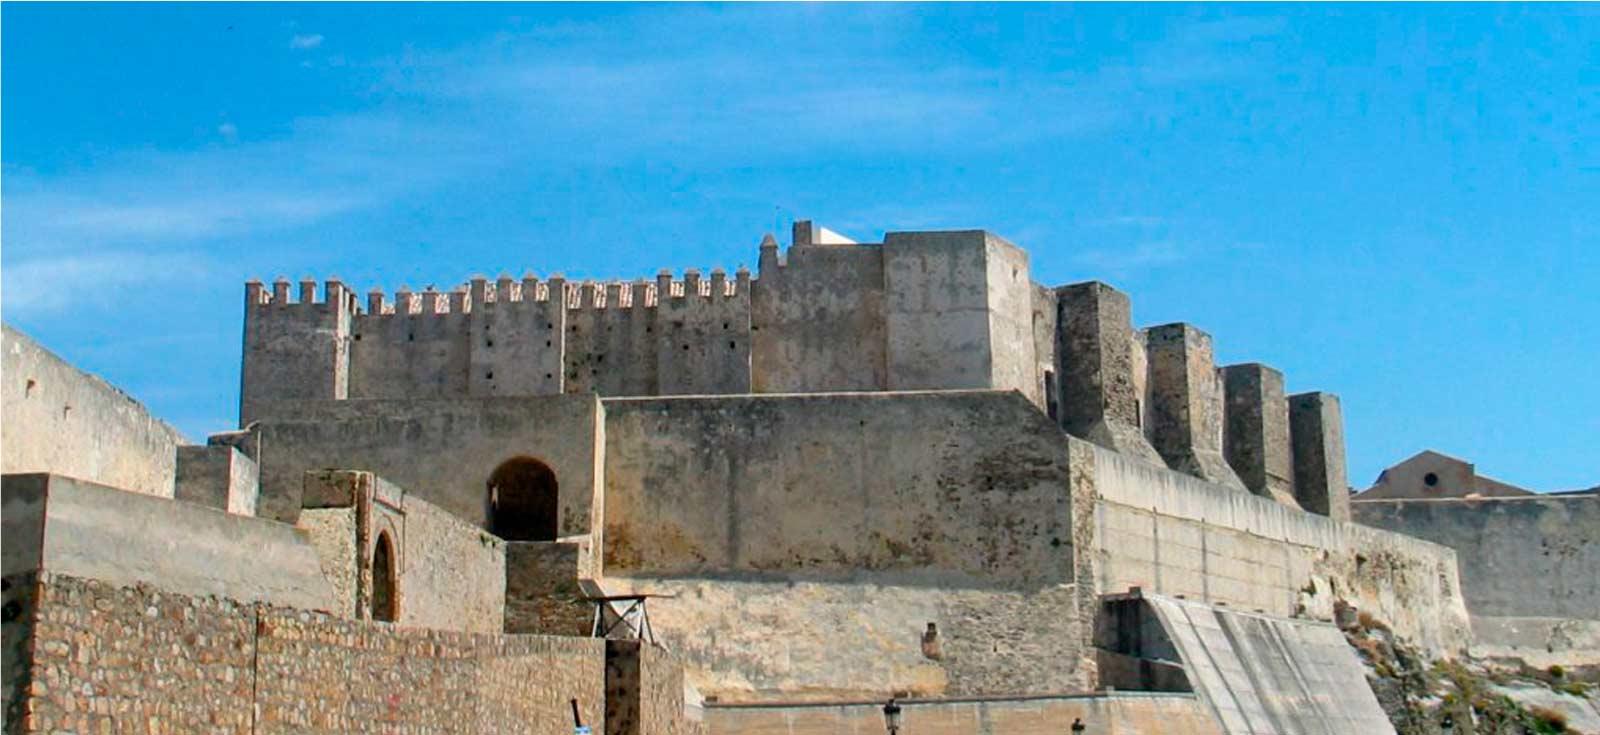 El castillo es uno de los rincones que ver en Tarifa